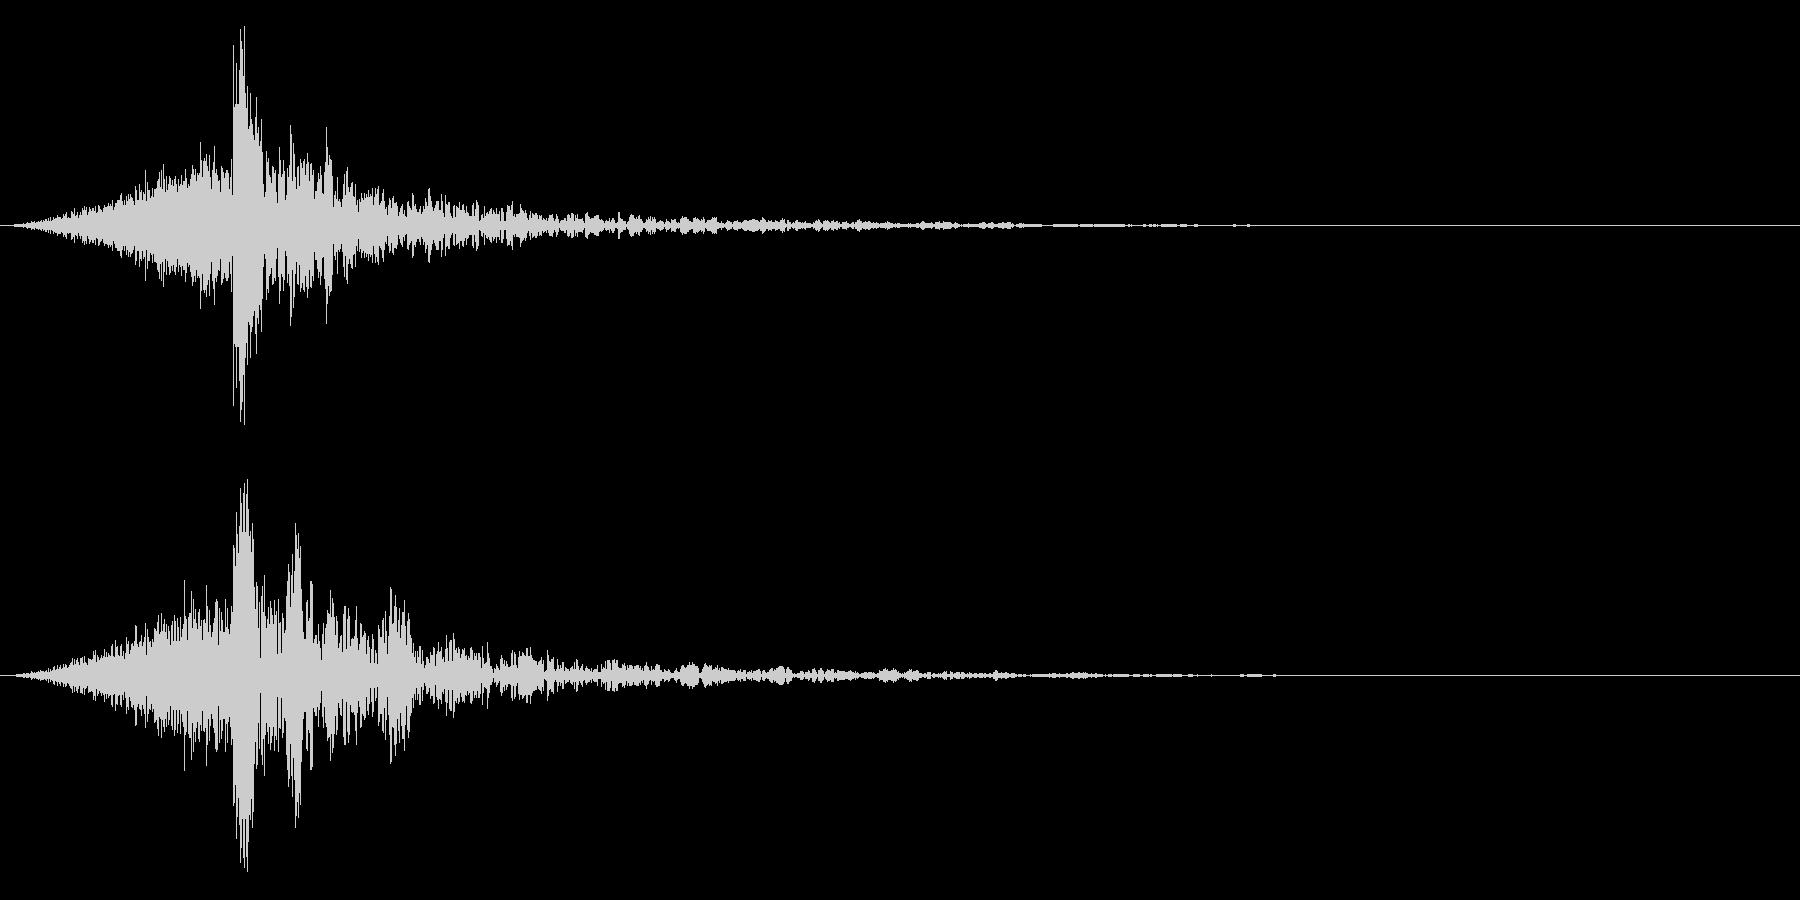 シュードーン-61-4(インパクト音)の未再生の波形